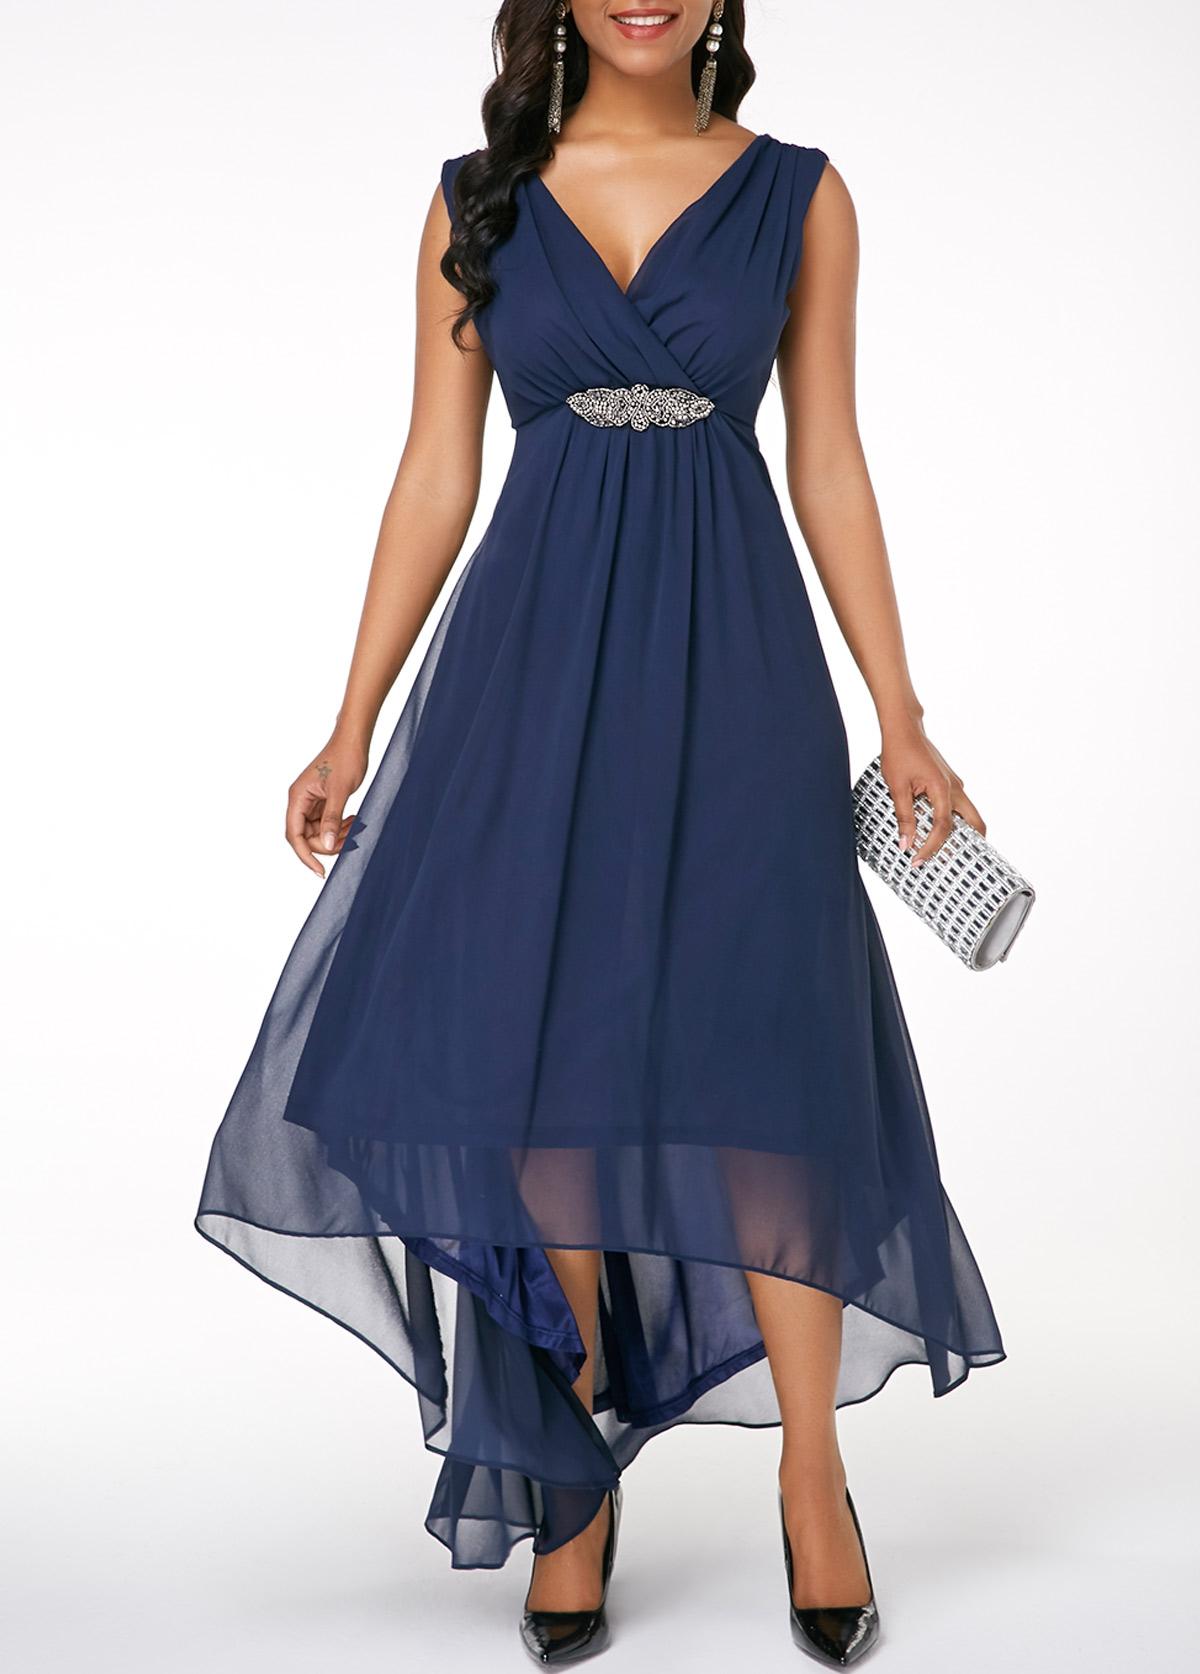 d3291b6fd3f Sleeveless High Low Navy Blue Dress